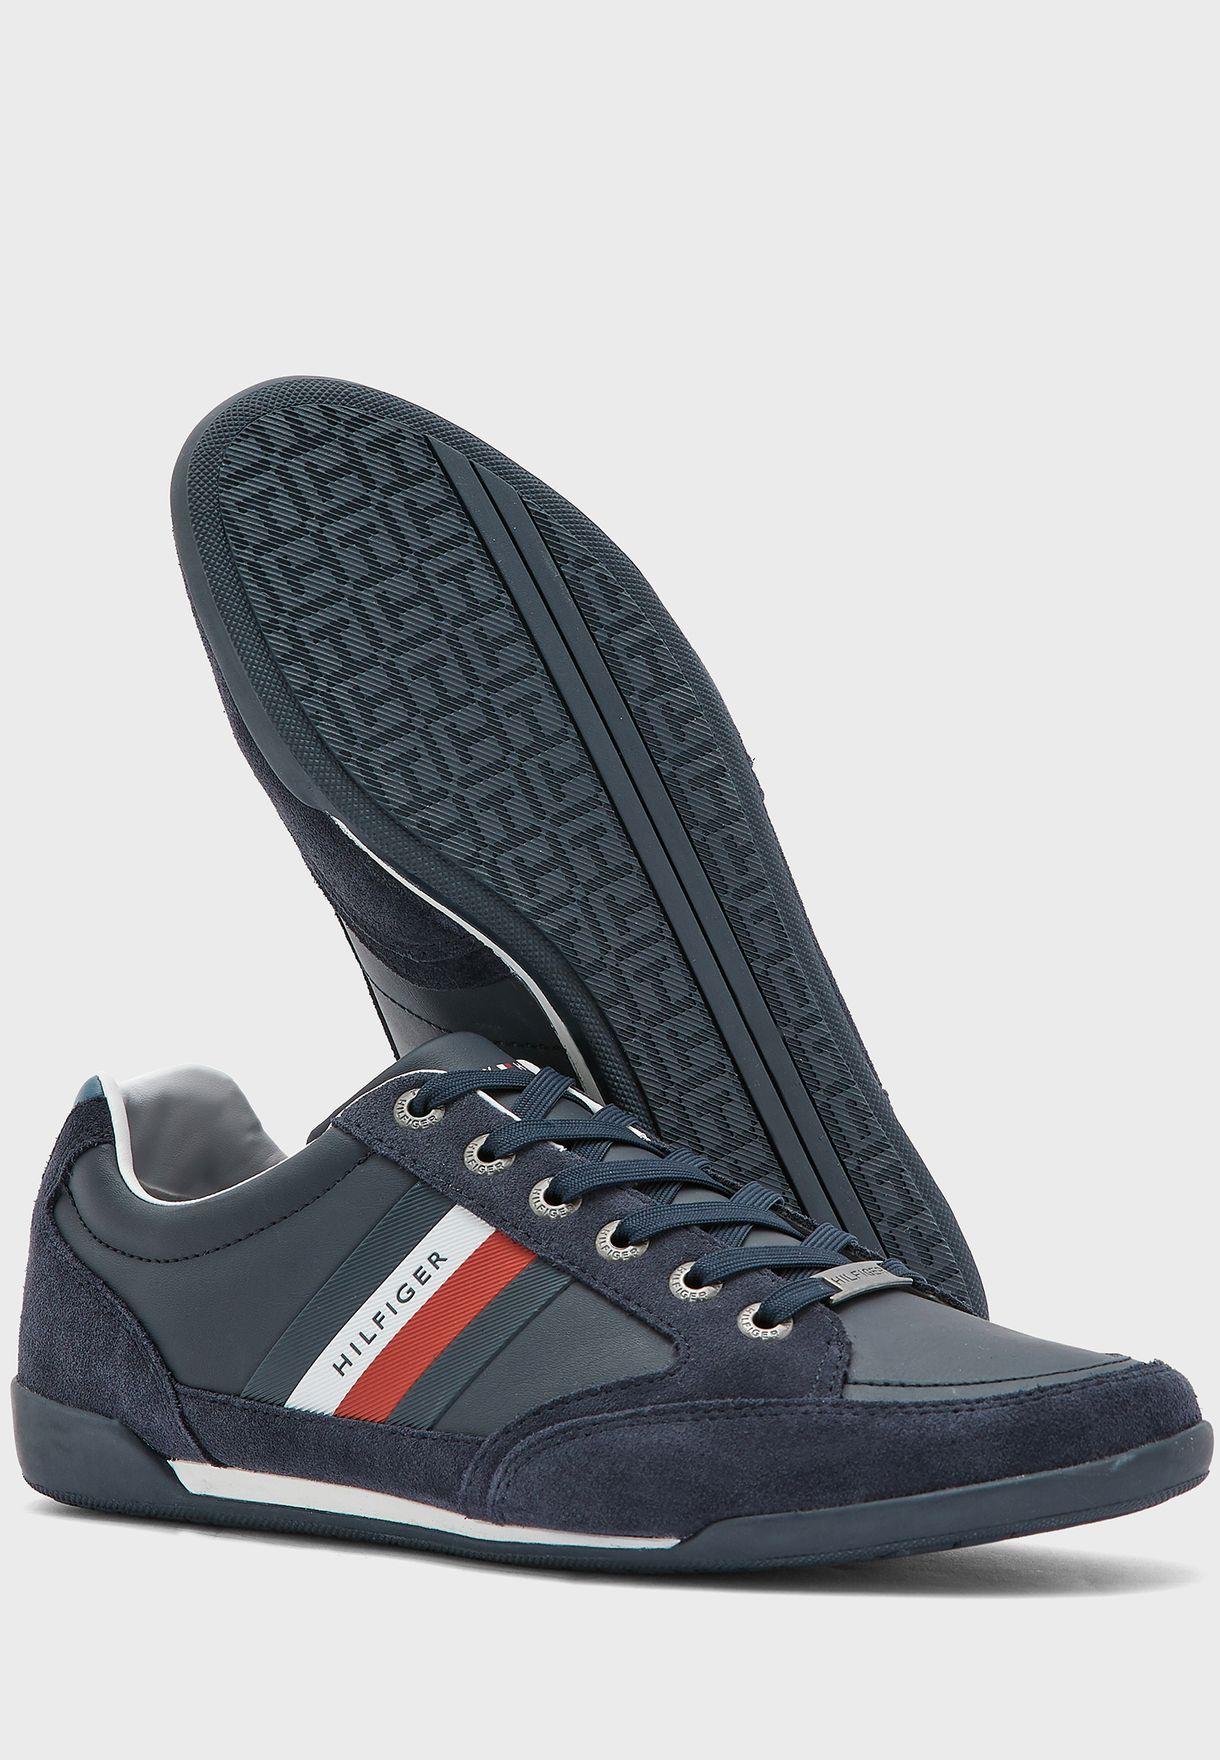 Corporate Cupsole Sneakers